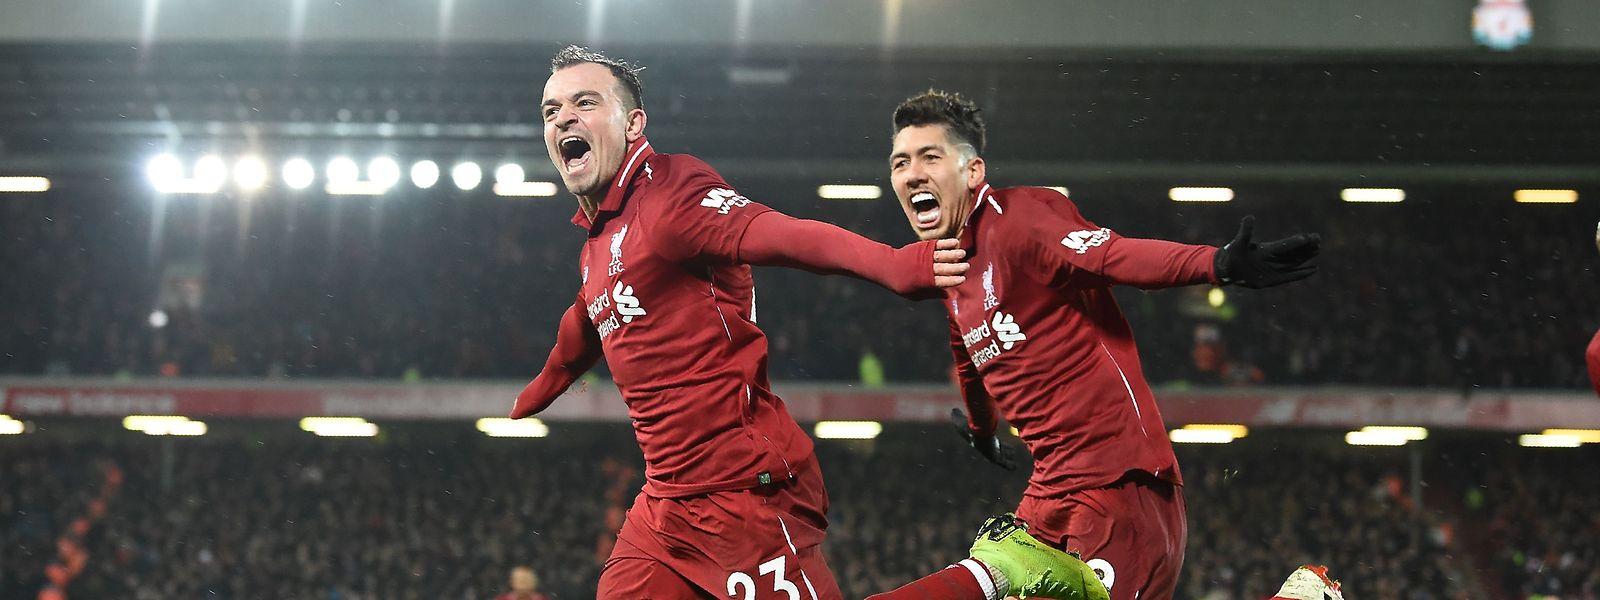 Xherdan Shaqiri und Roberto Firmino (r.) wollen mit dem FC Liverpool den FC Bayern ausschalten.